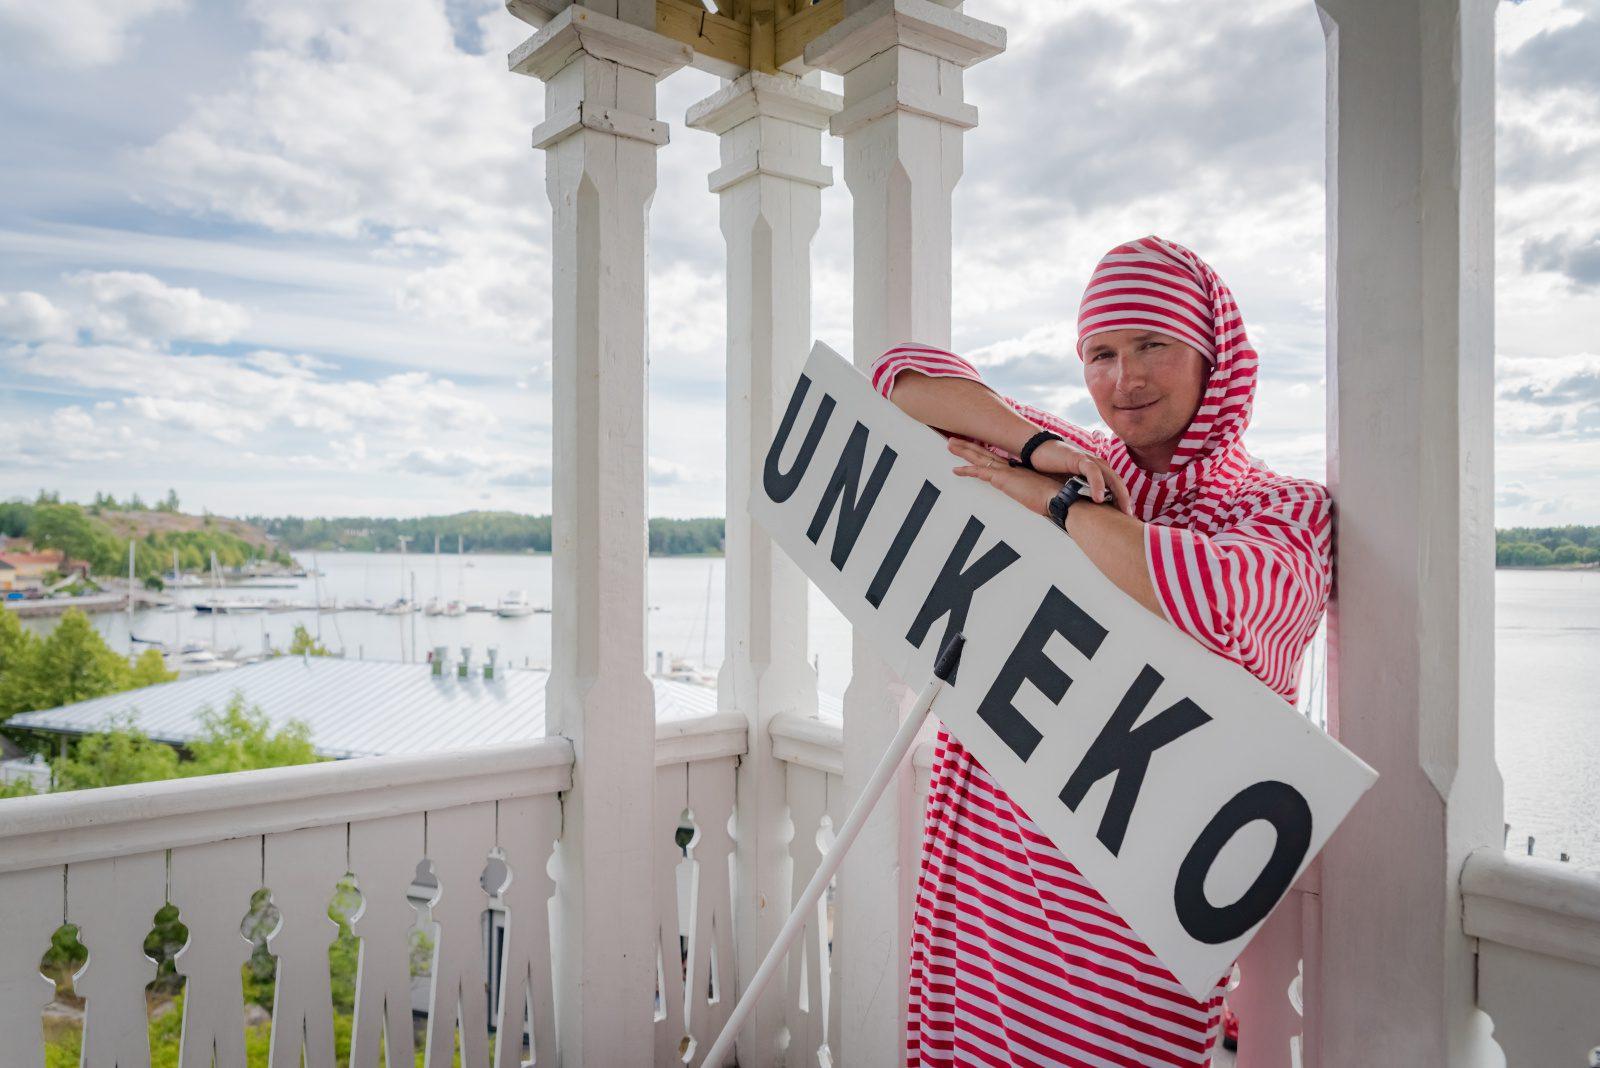 Mies Unikeko-puvussa nojailee näkötornin kaiteeseen Unikeko-kyltin kanssa. Taustalla merenlahti.